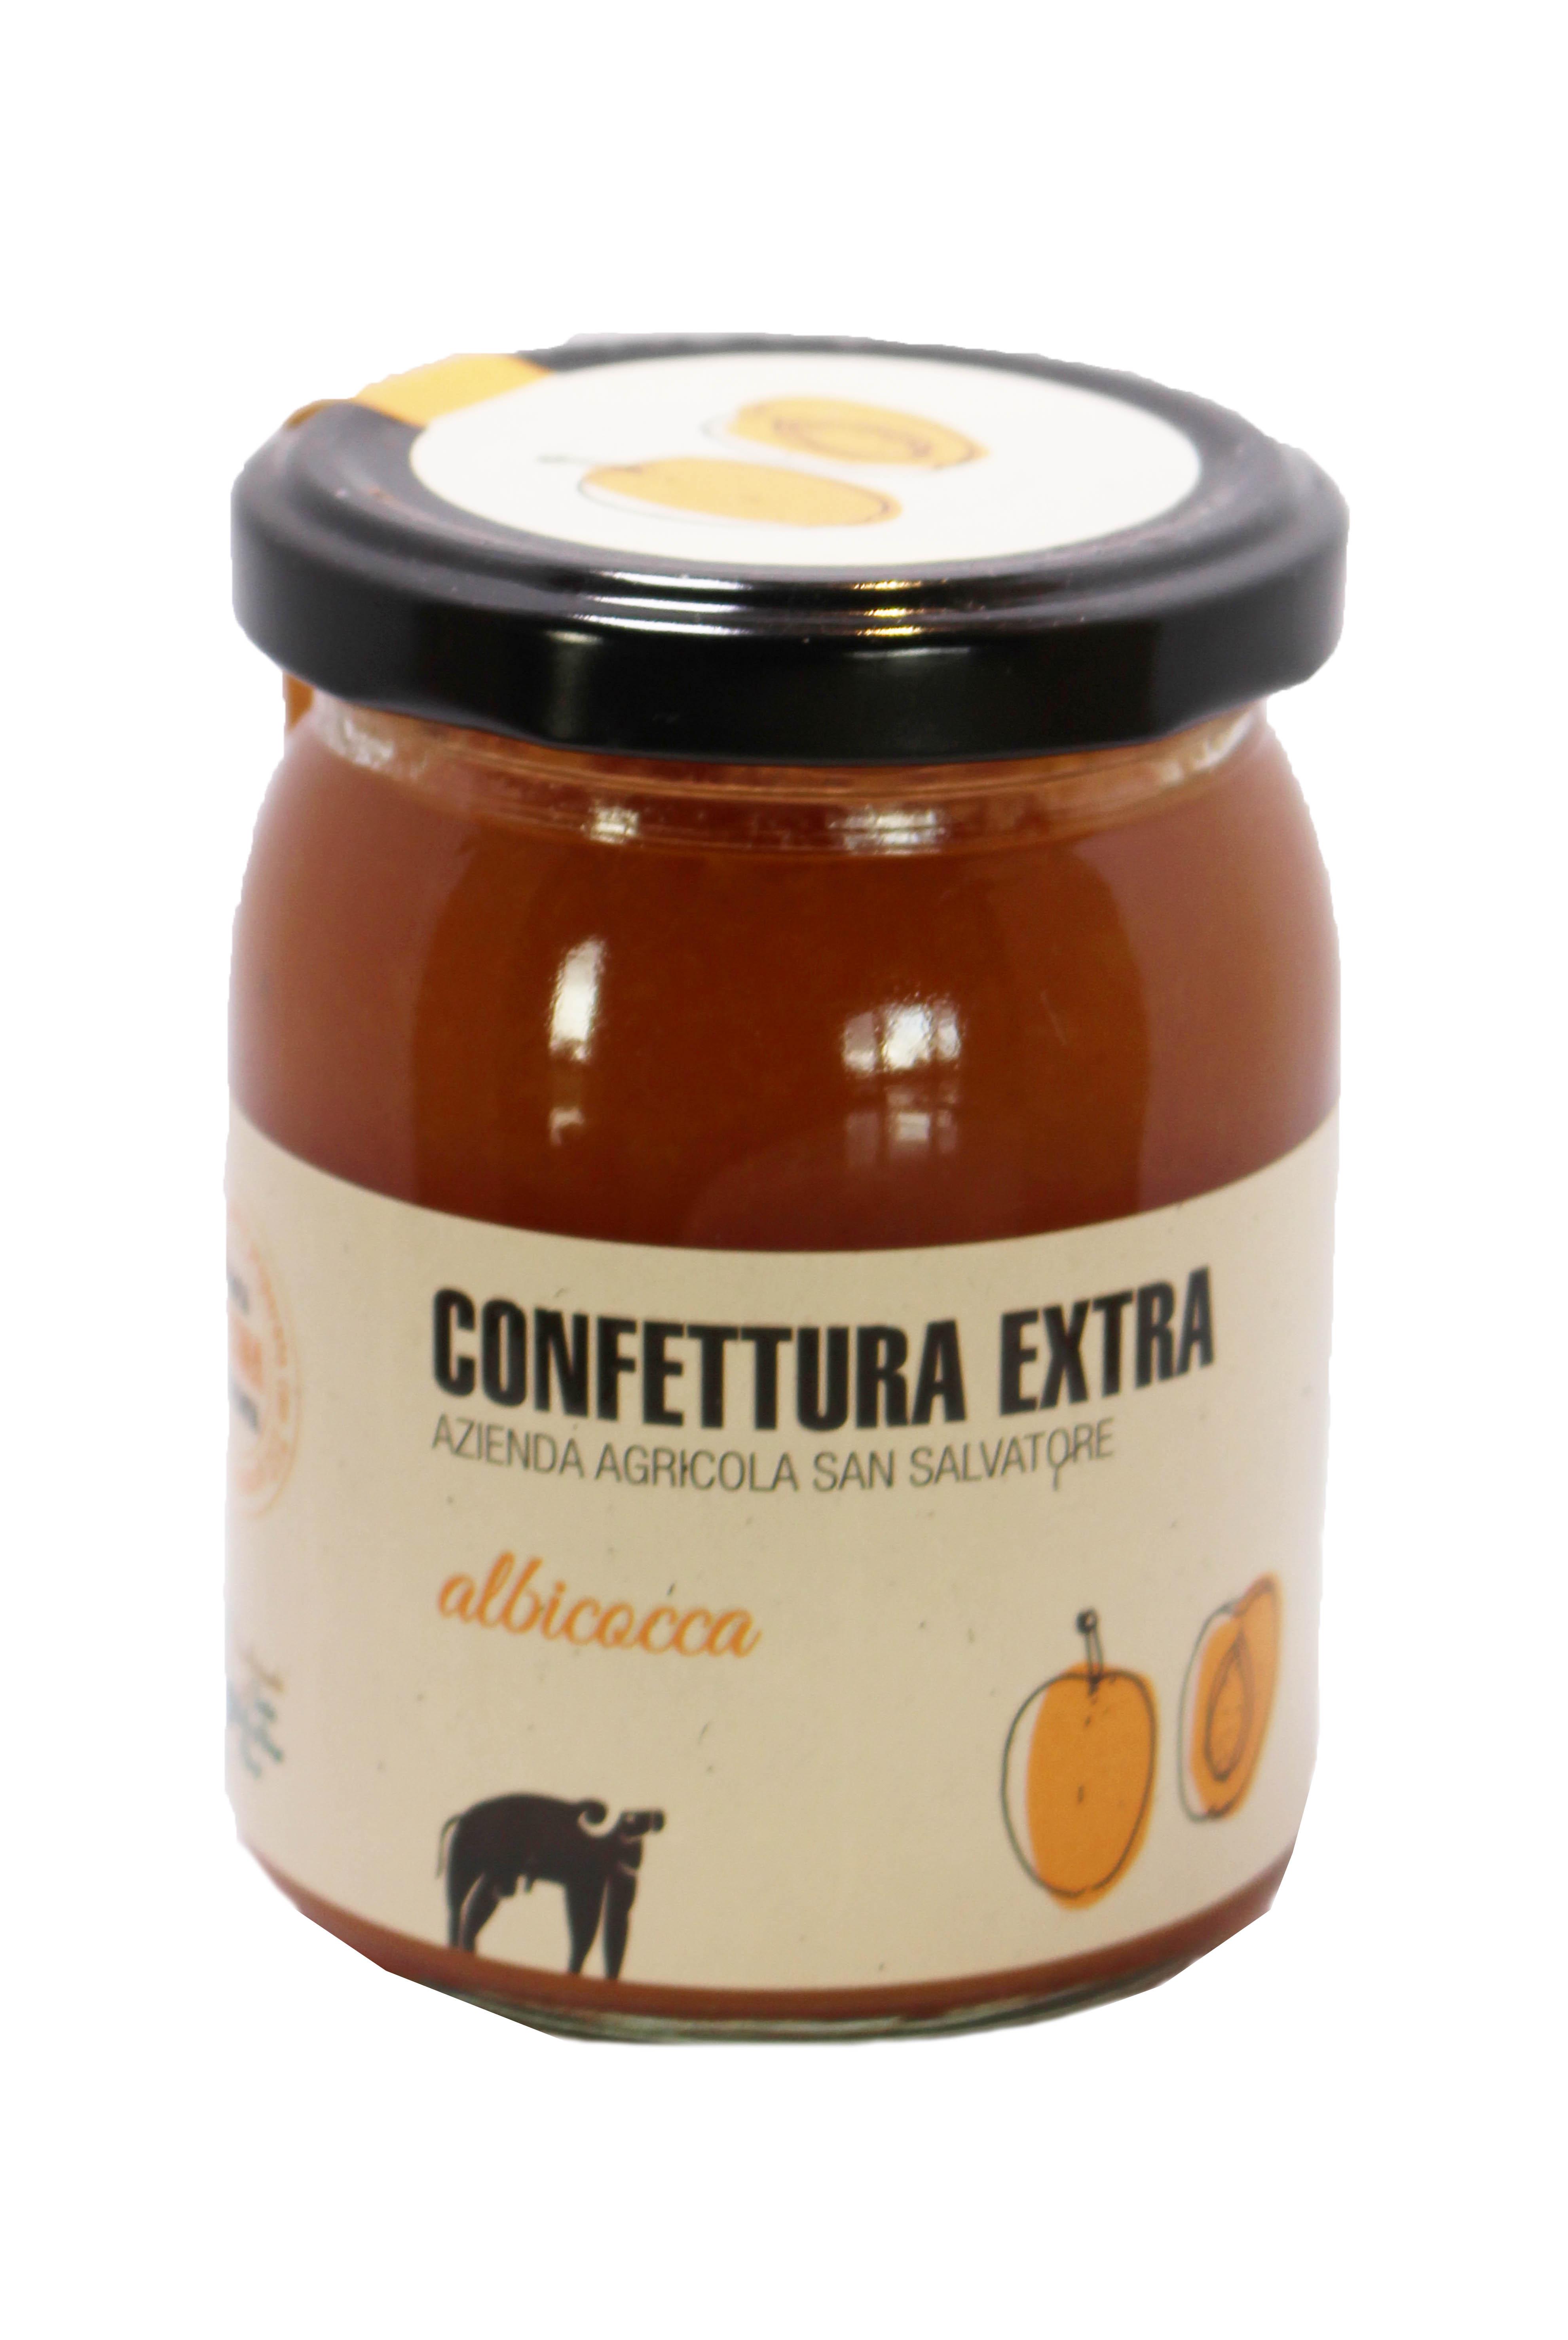 Confettura extra albicocca - 220 gr